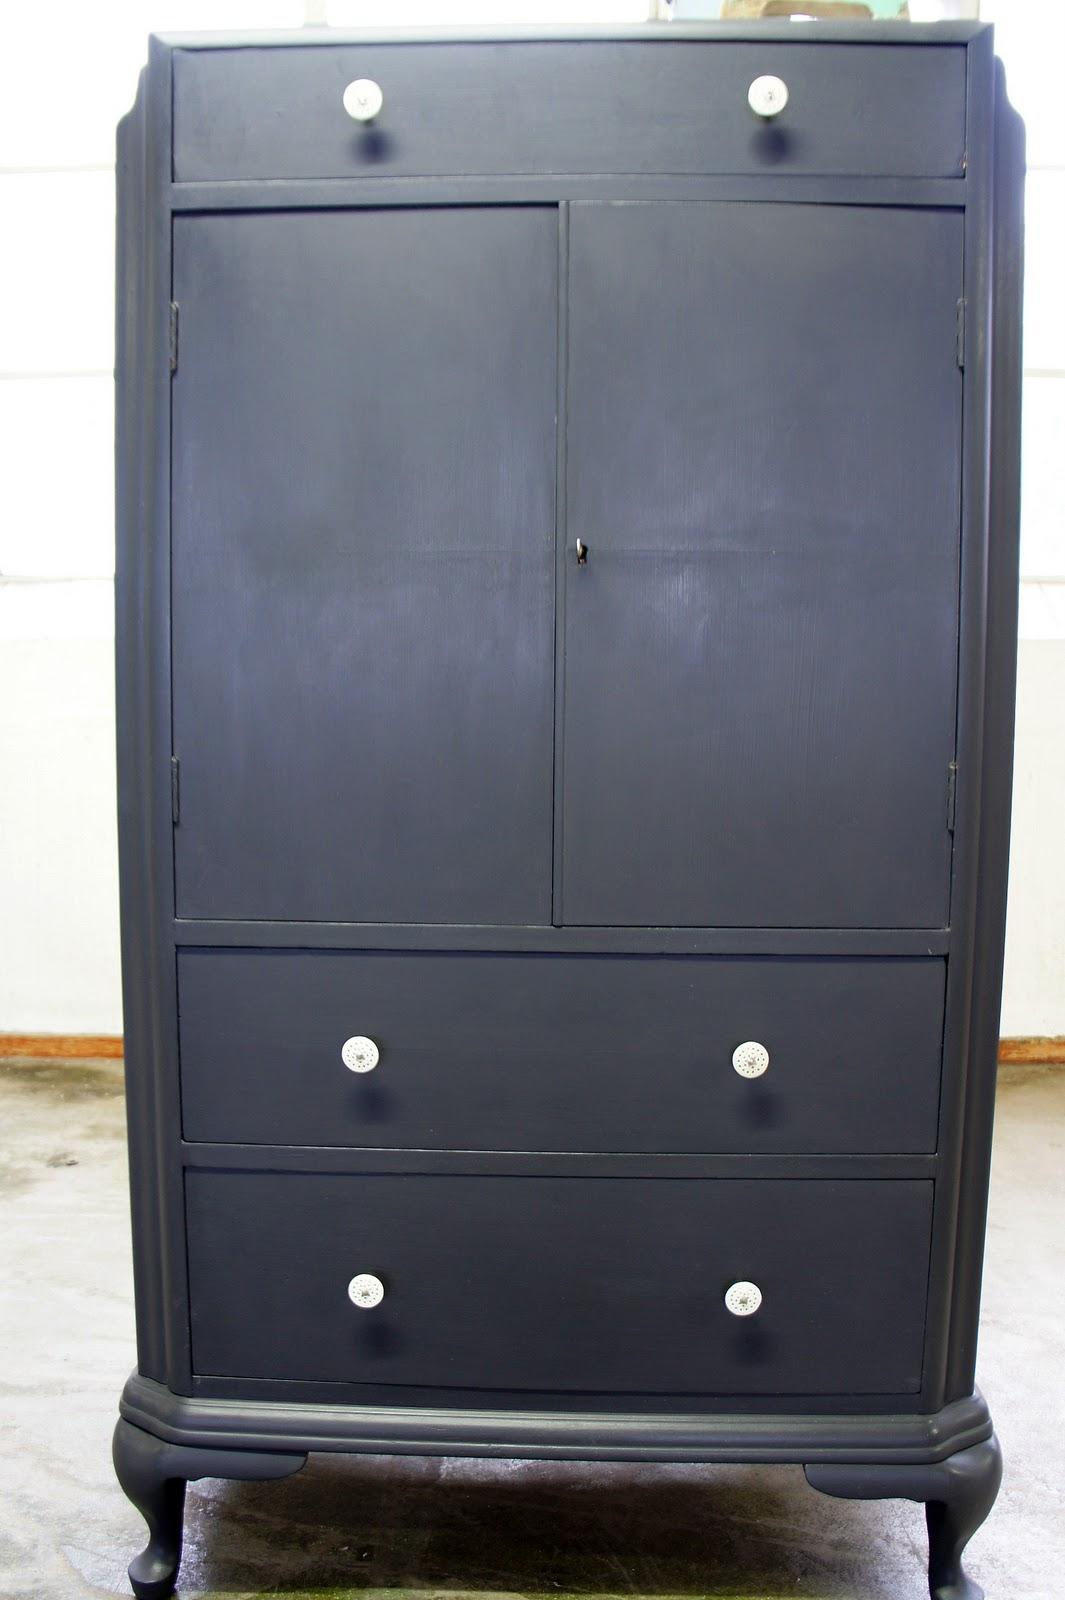 Goed in stijl zwarte kast dutch english - Antieke stijl badkamer kast ...